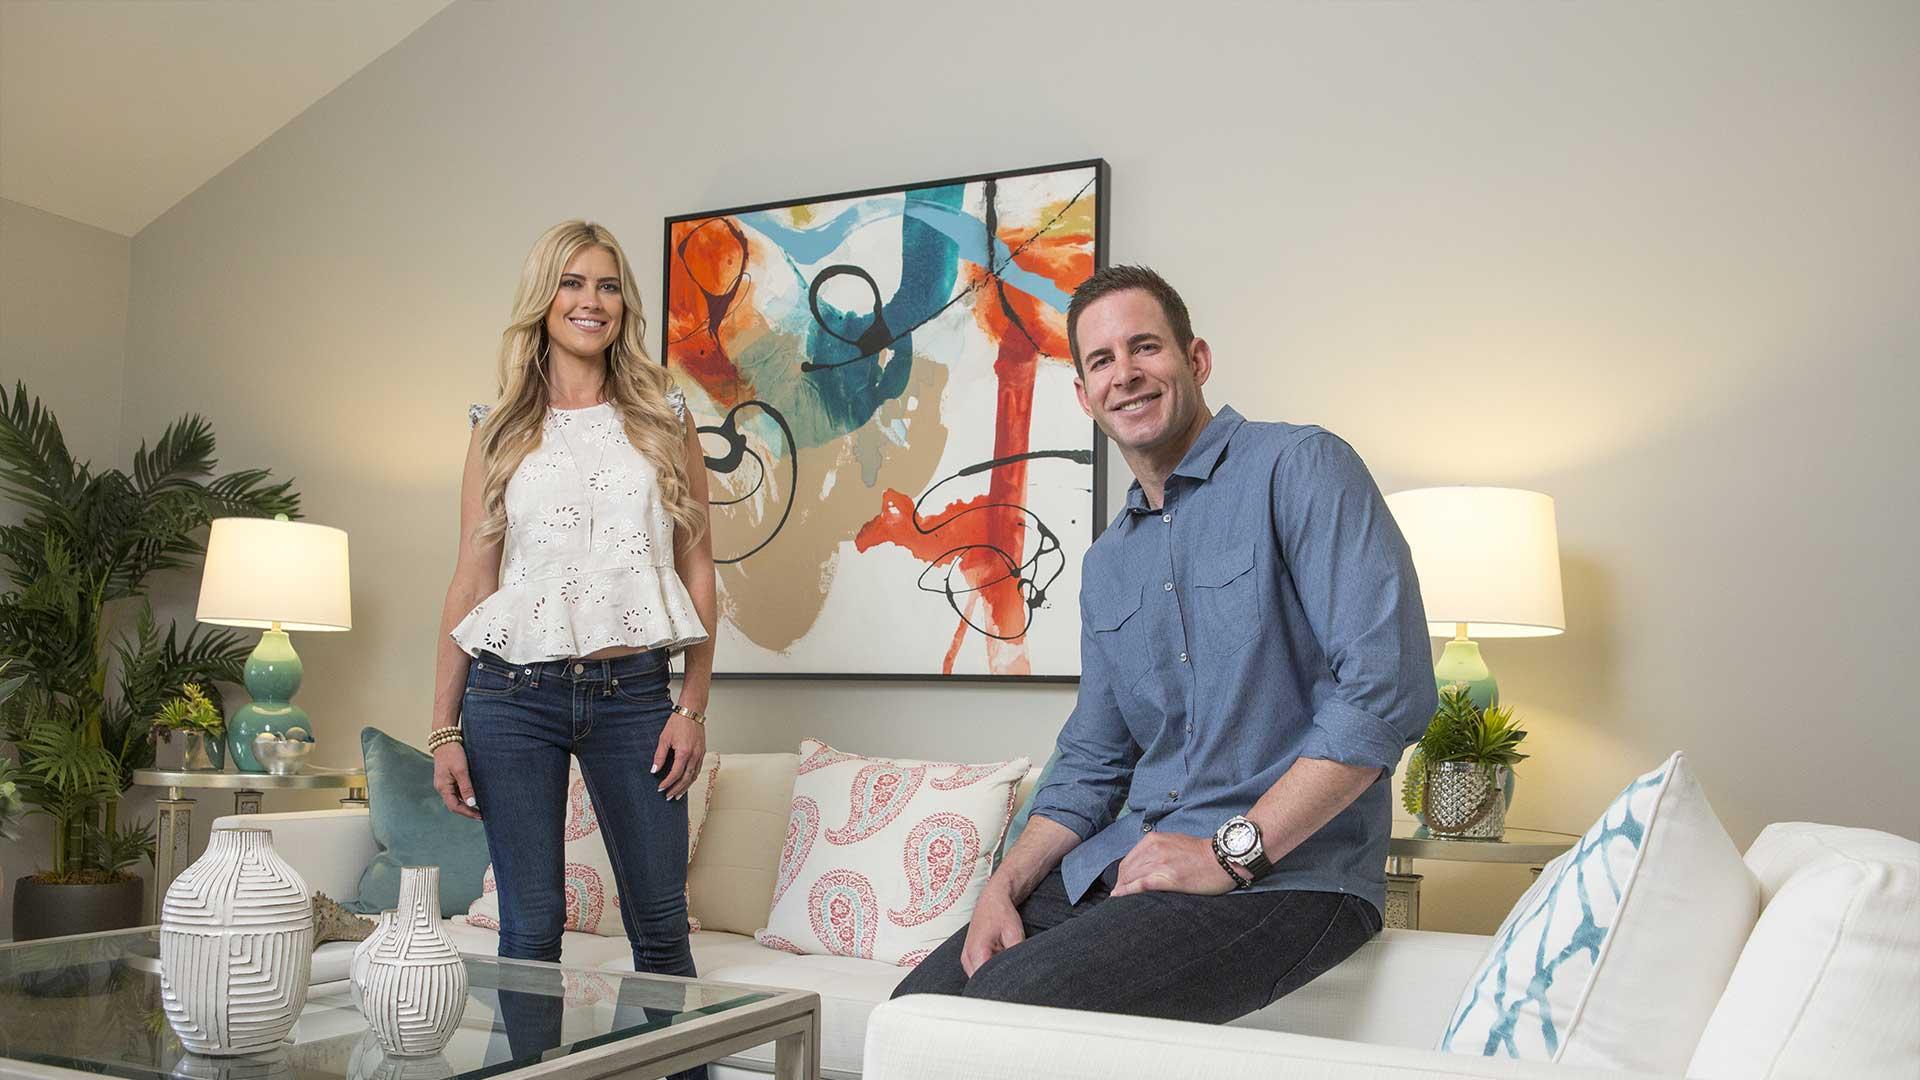 Tarek y Christina El Moussa